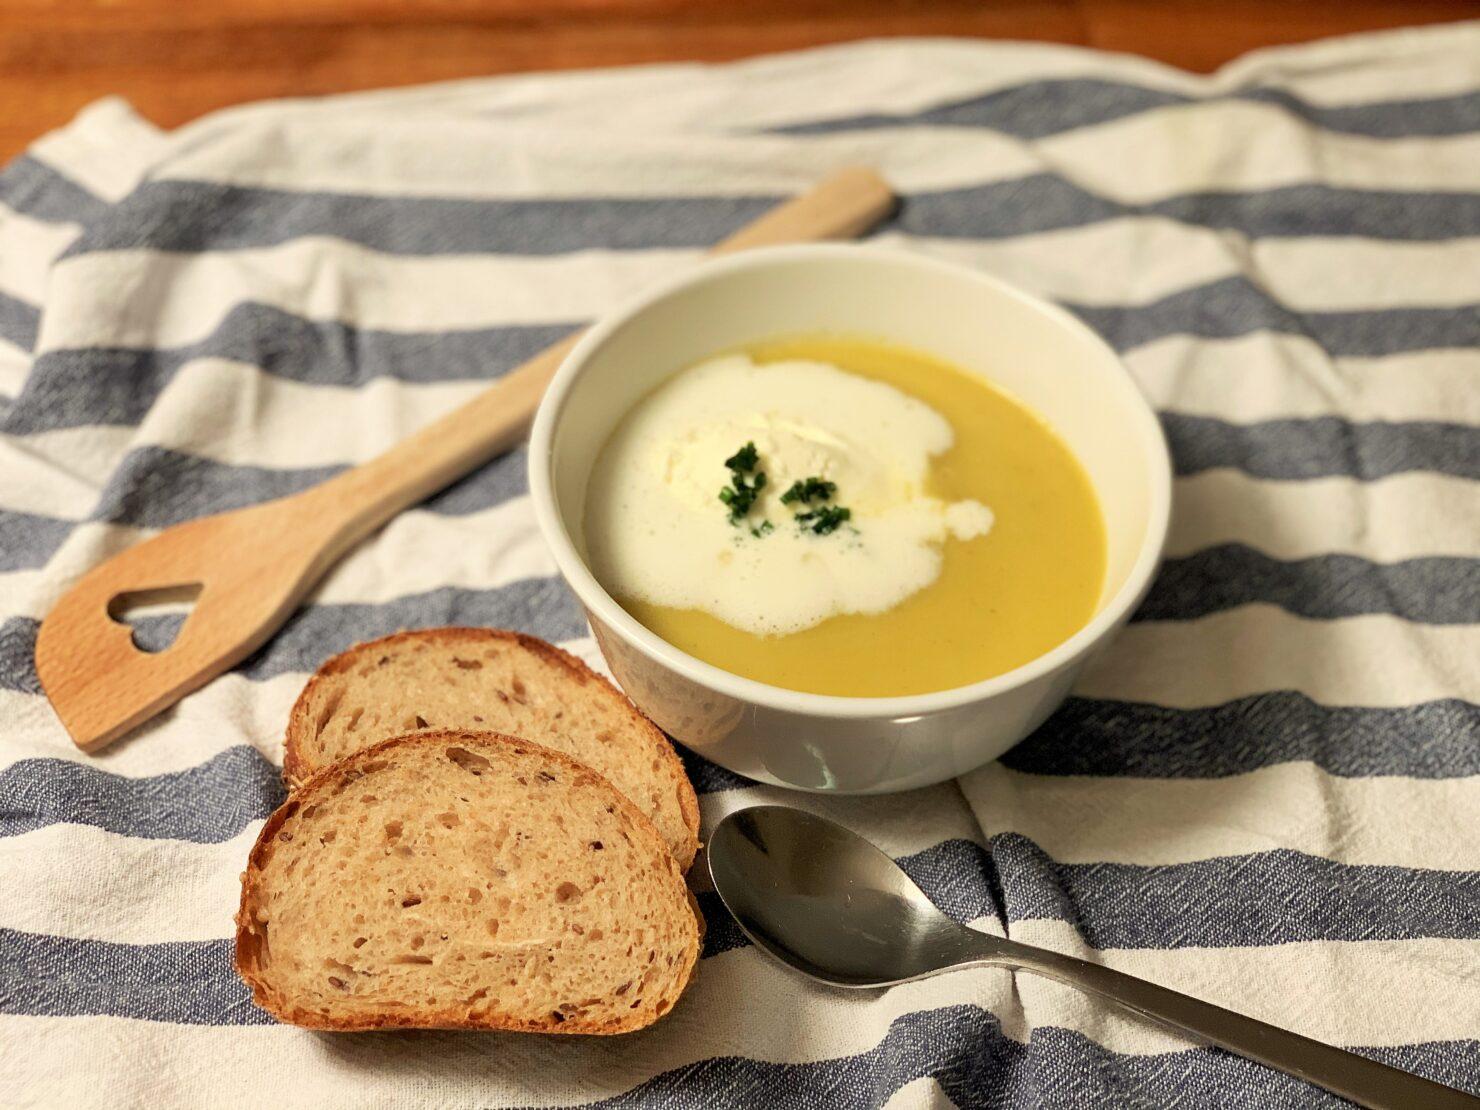 Hausgemachte Suppe mit Topinambur und Rüebli